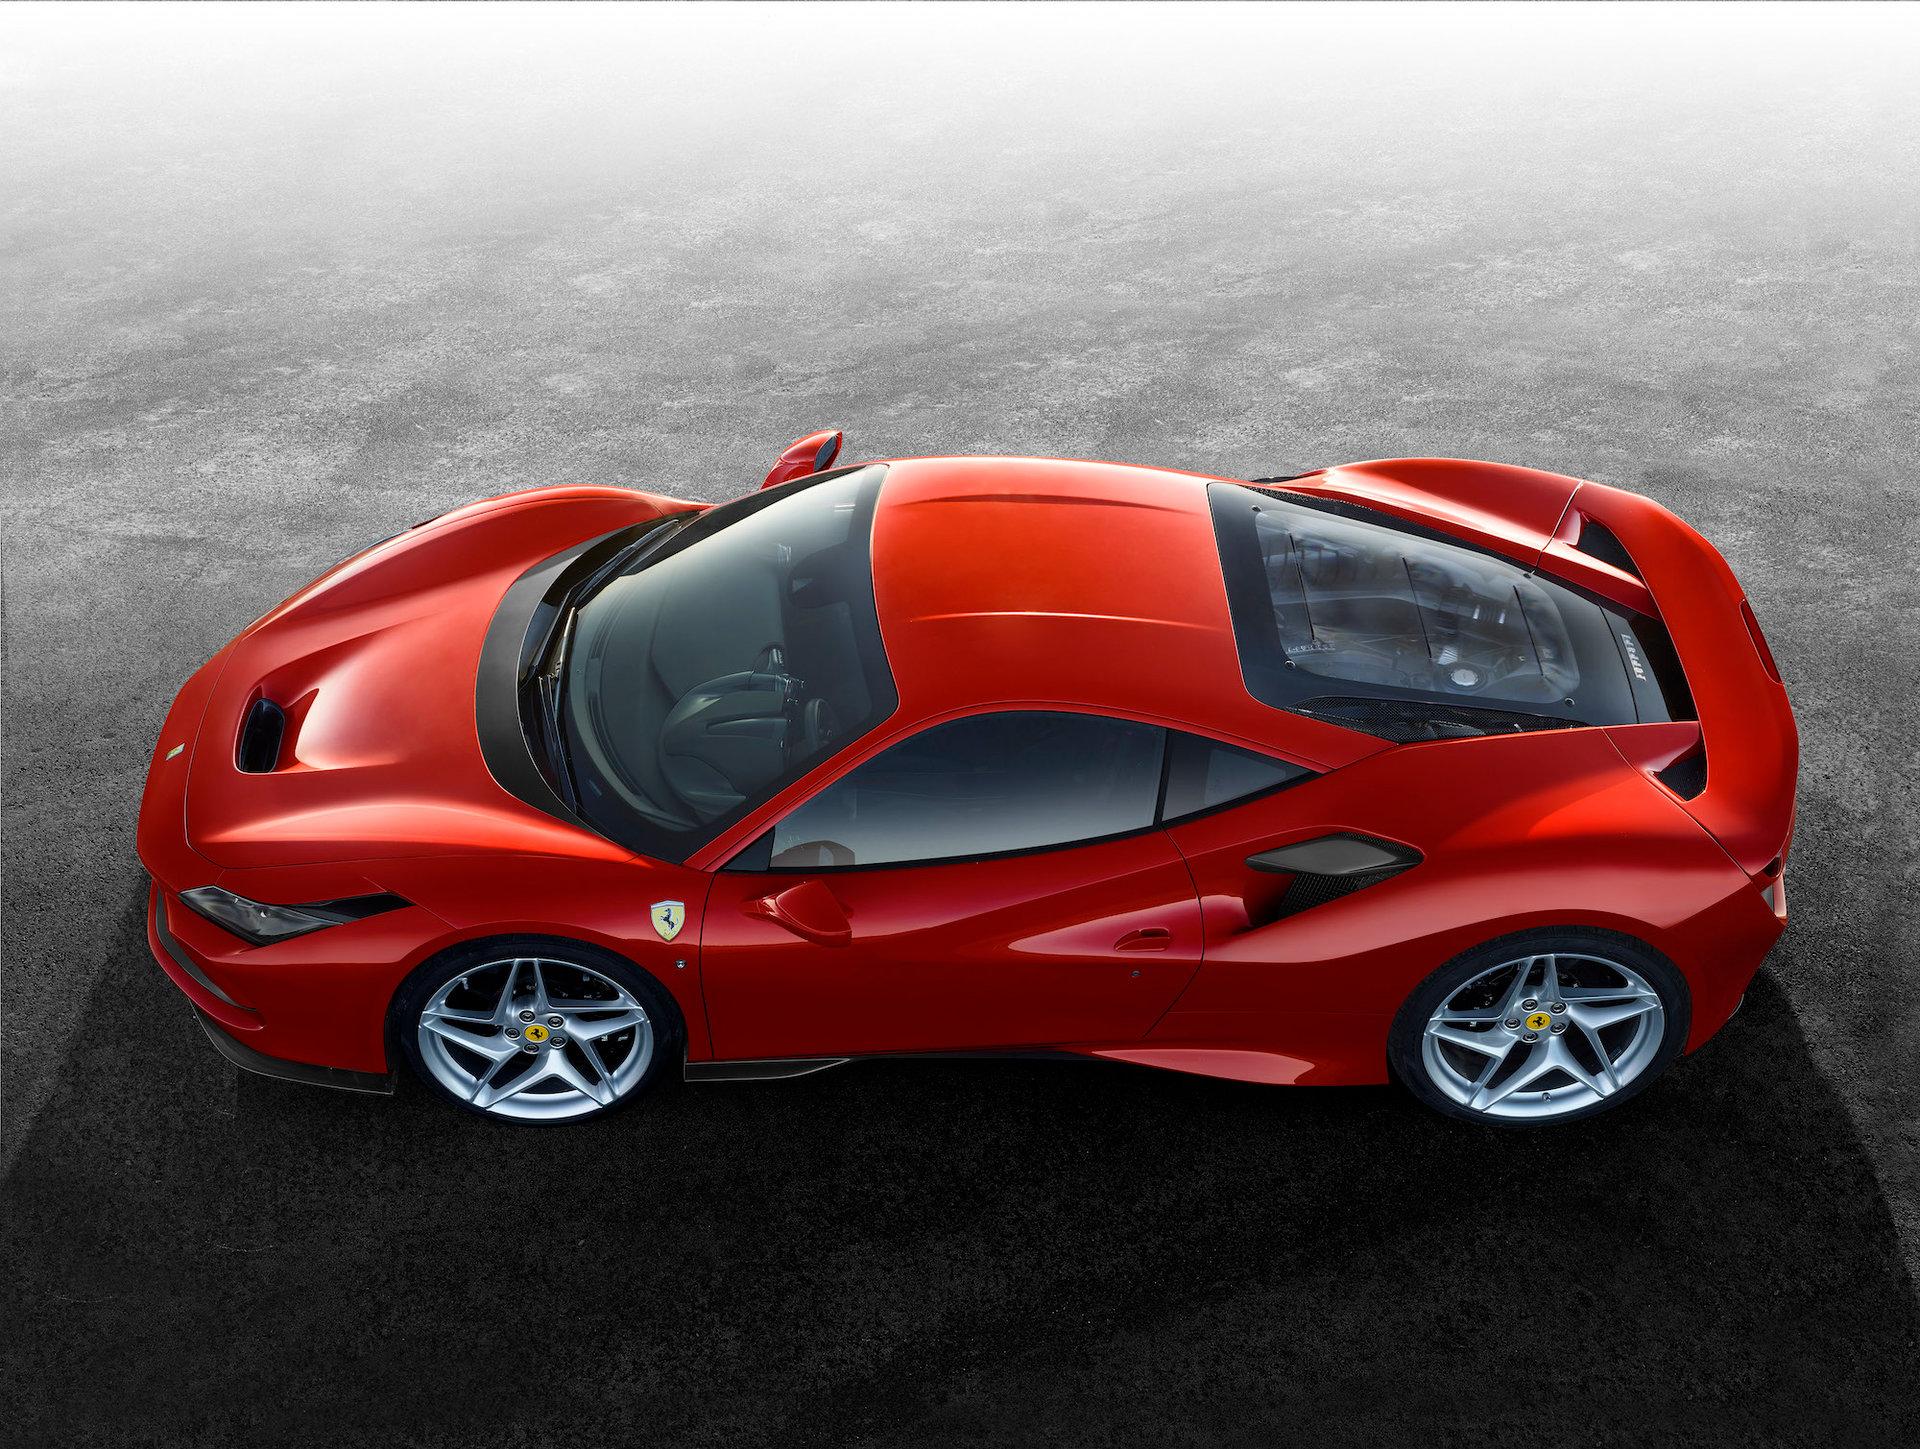 Red Ferrari F8 Tributo